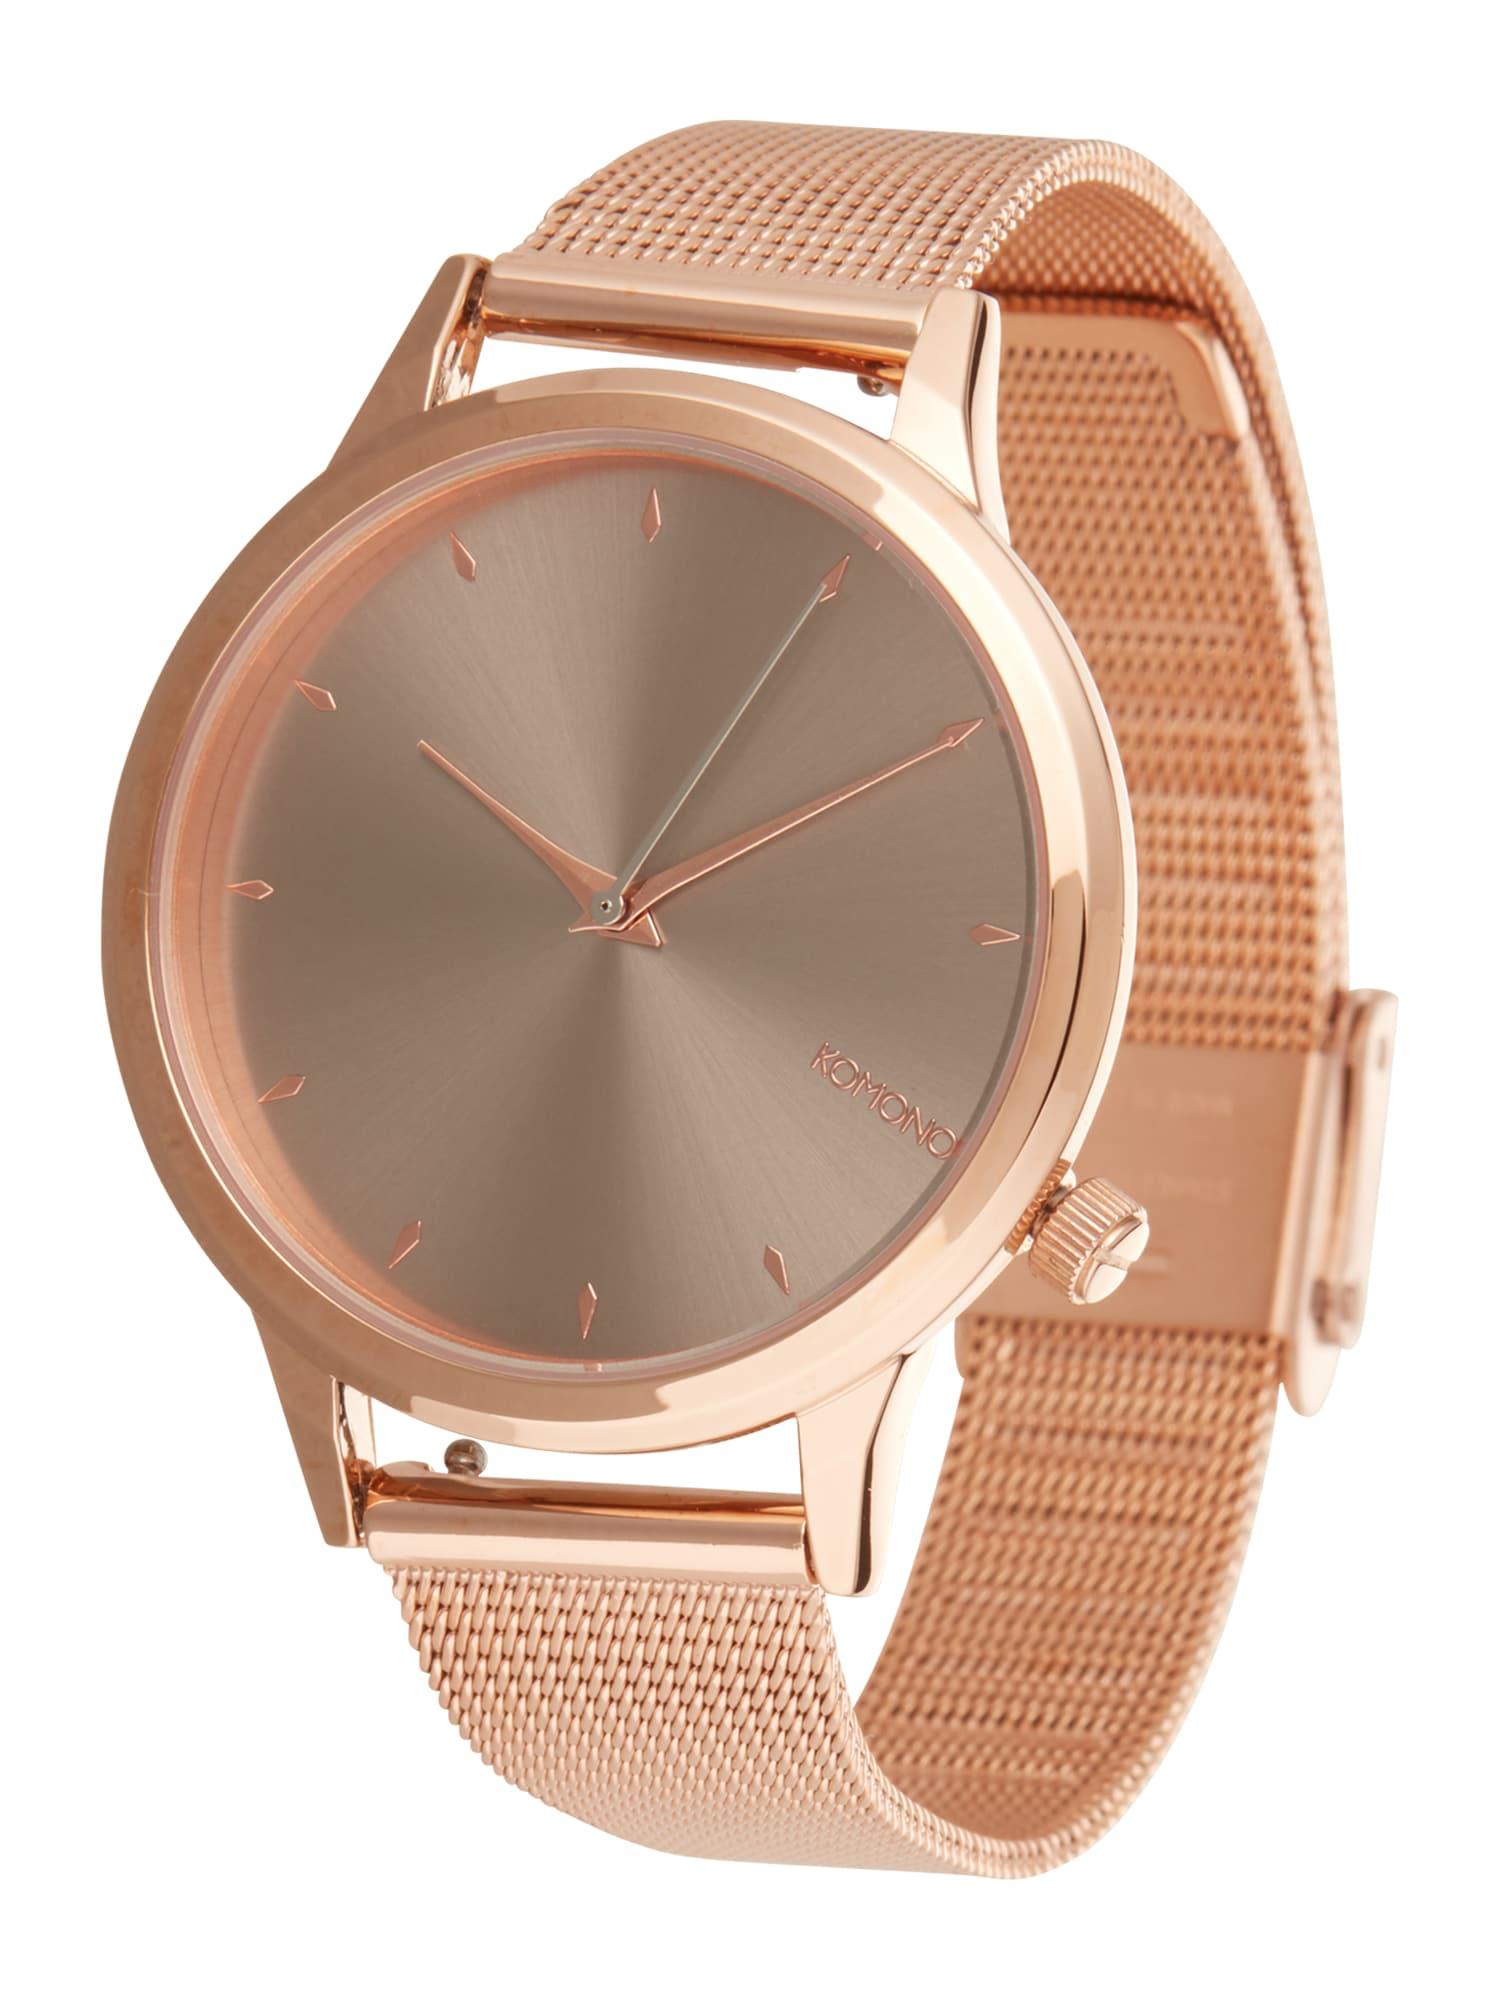 Analogové hodinky Lexi Royale růžově zlatá šedá Komono